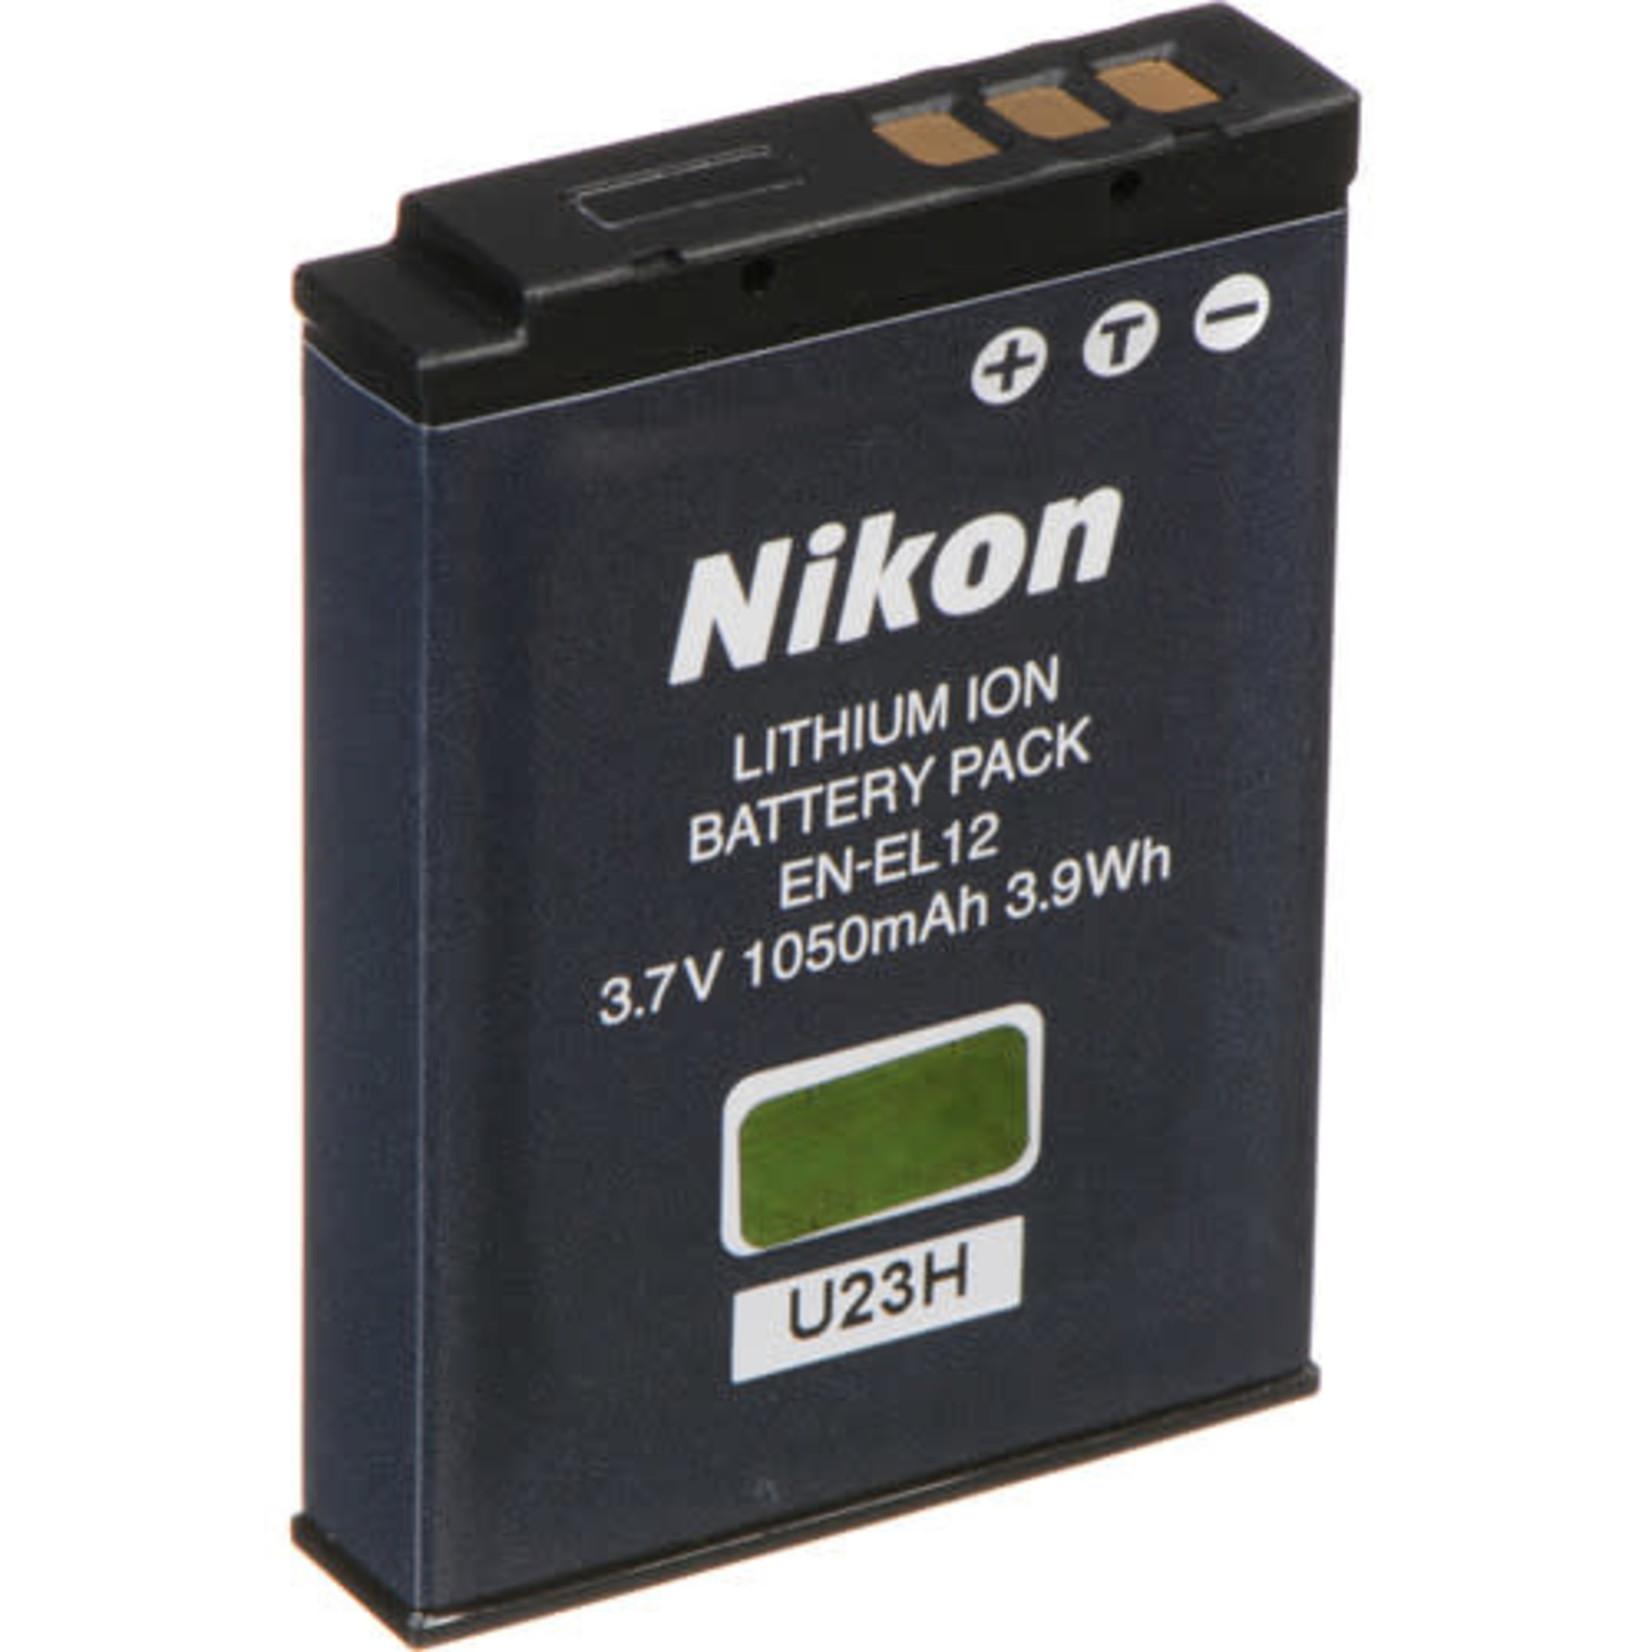 Nikon Nikon EN-EL12 Rechargeable Lithium-Ion Battery (3.7V, 1050mAh)